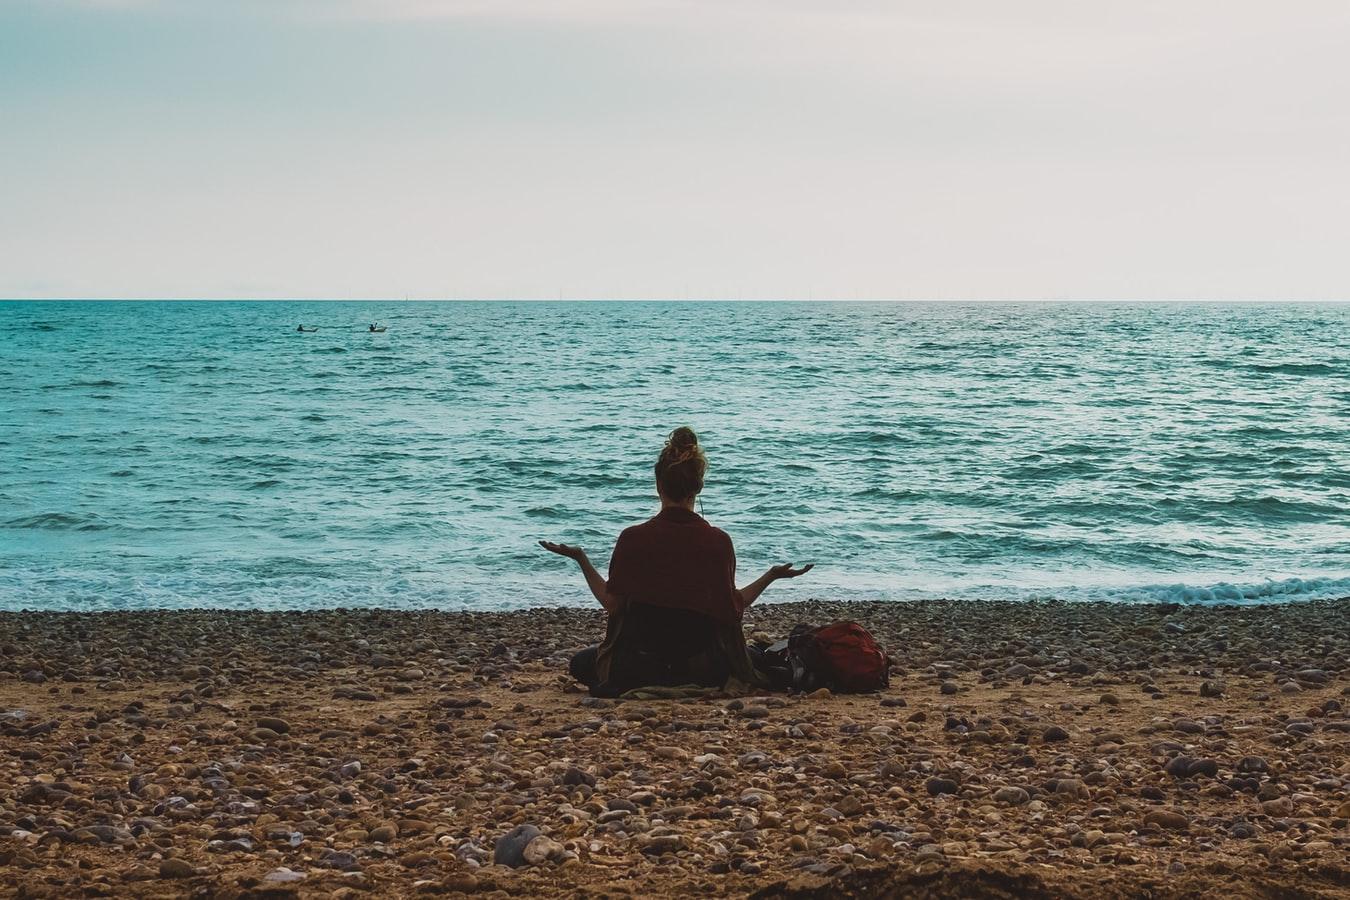 VIPASSANA retiro espiritual meditação